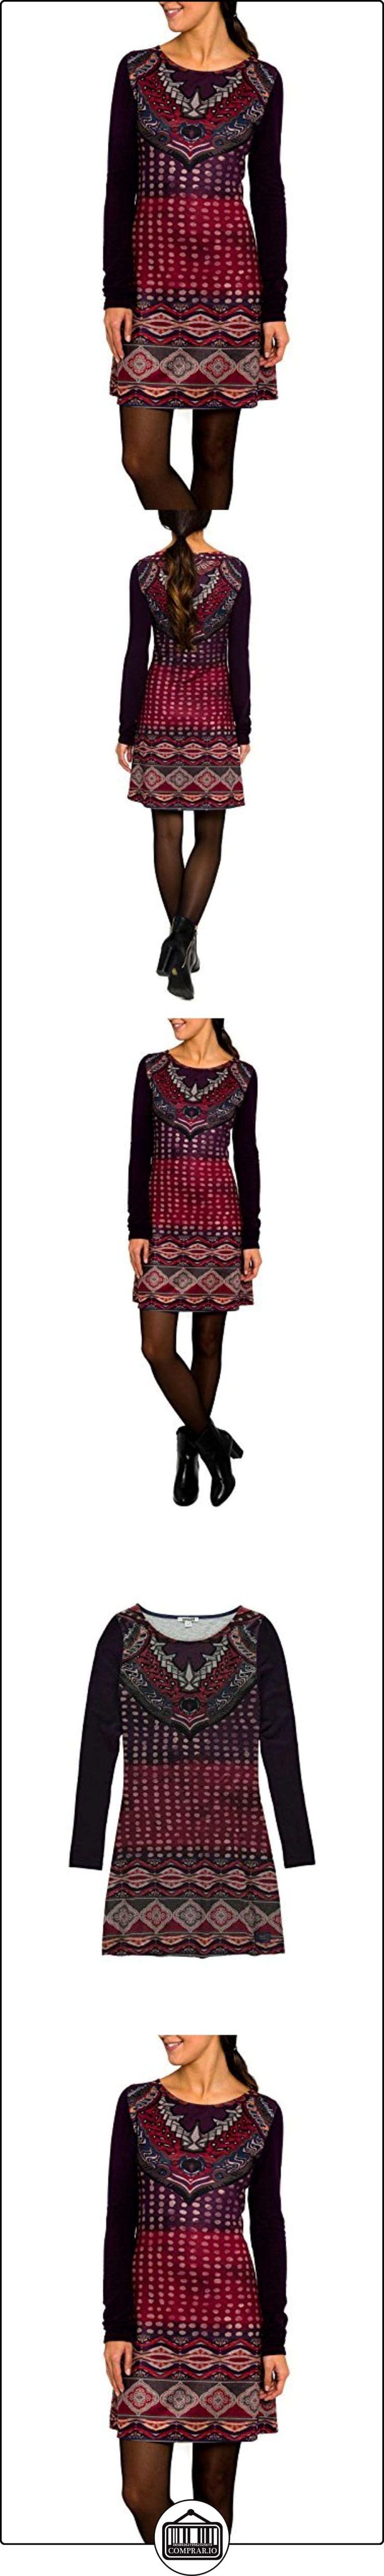 SMASH! Jennifer Cuerpo Estampado-A1682301, Vestido para Mujer, Purpura Oscuro, XL  ✿ Vestidos ✿